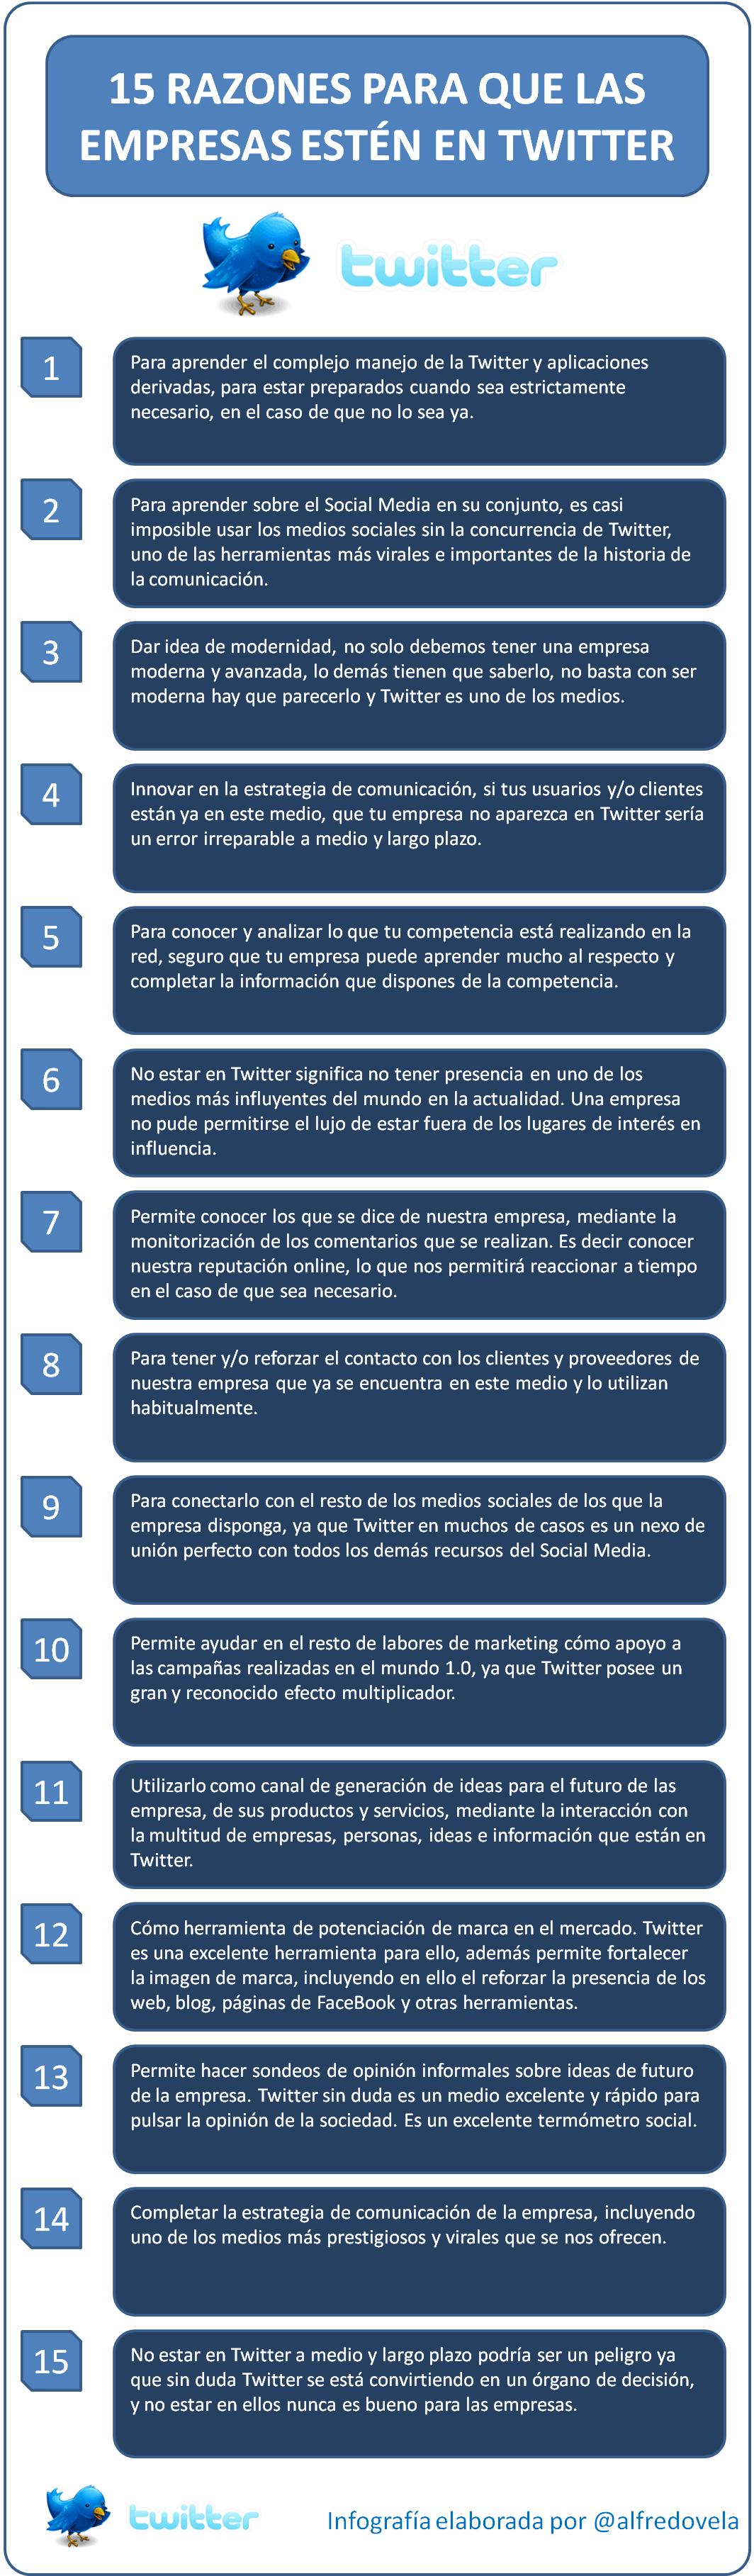 15 razones para que las empresas estén en Twitter